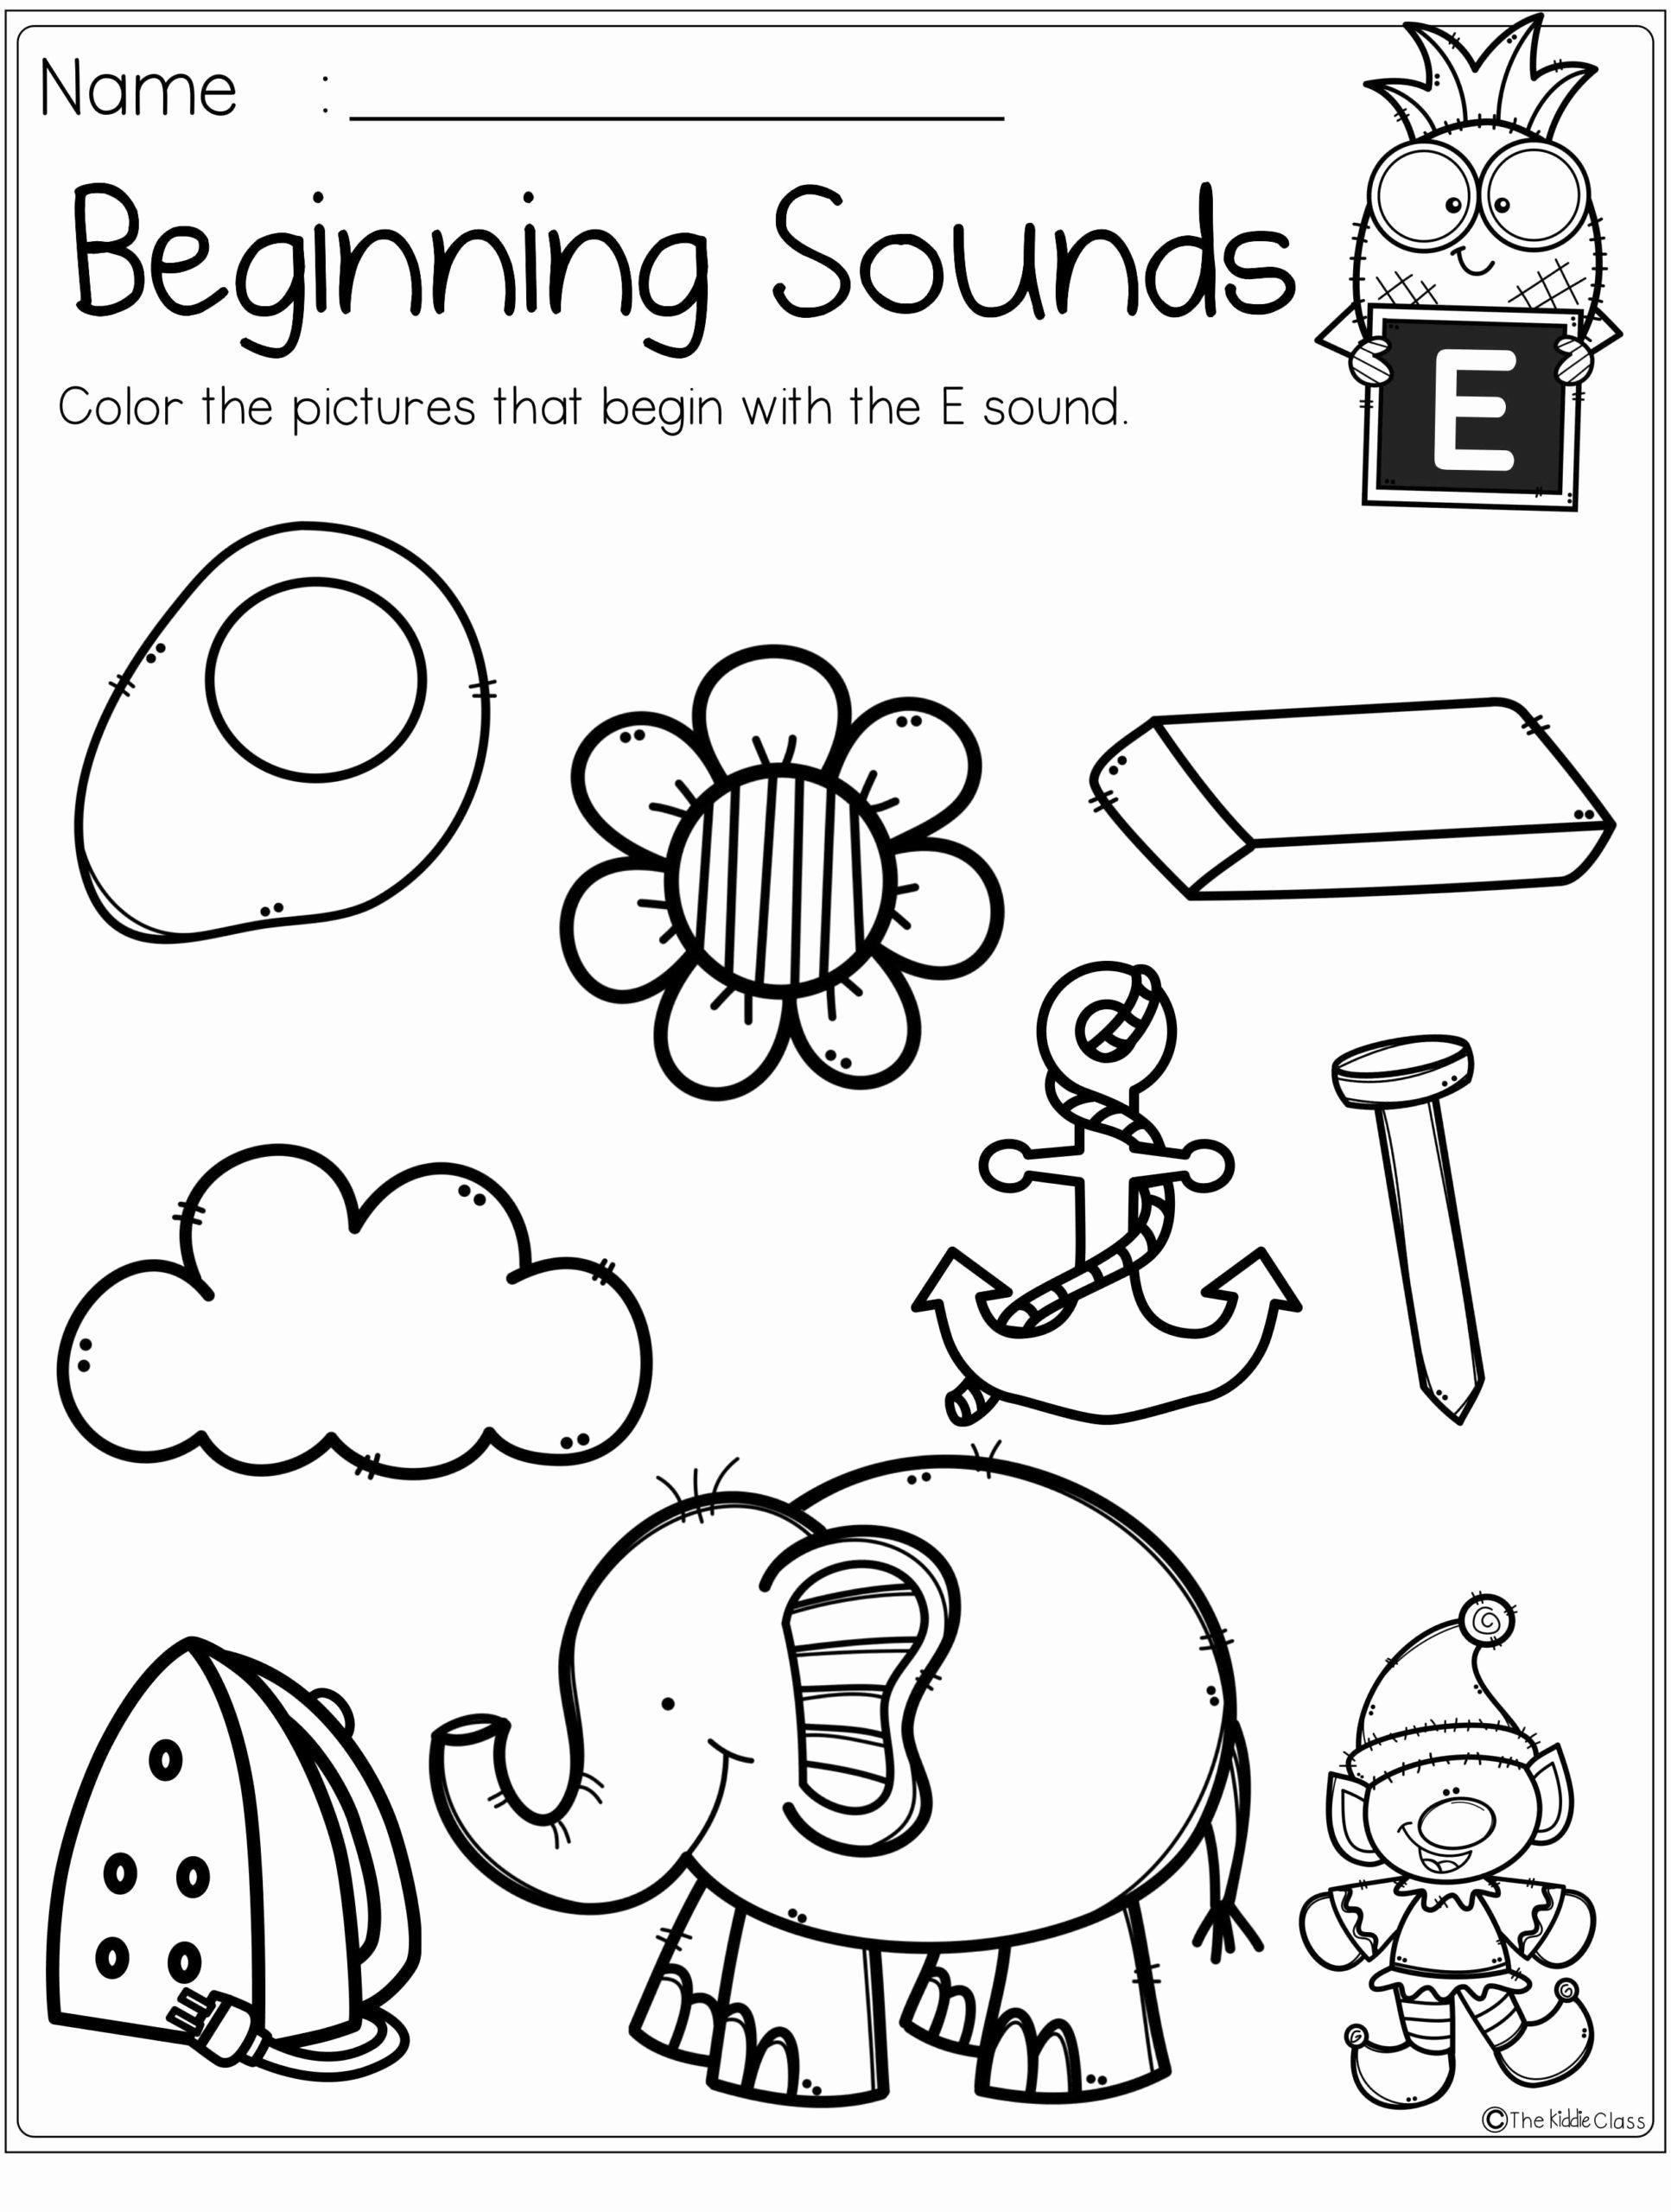 Coloring Vegetables For Kindergarten Unique Letter Worksheets Lit Tell In 2020 Beginning Sounds Worksheets Kindergarten Worksheets Printable Letter Sounds Kindergarten